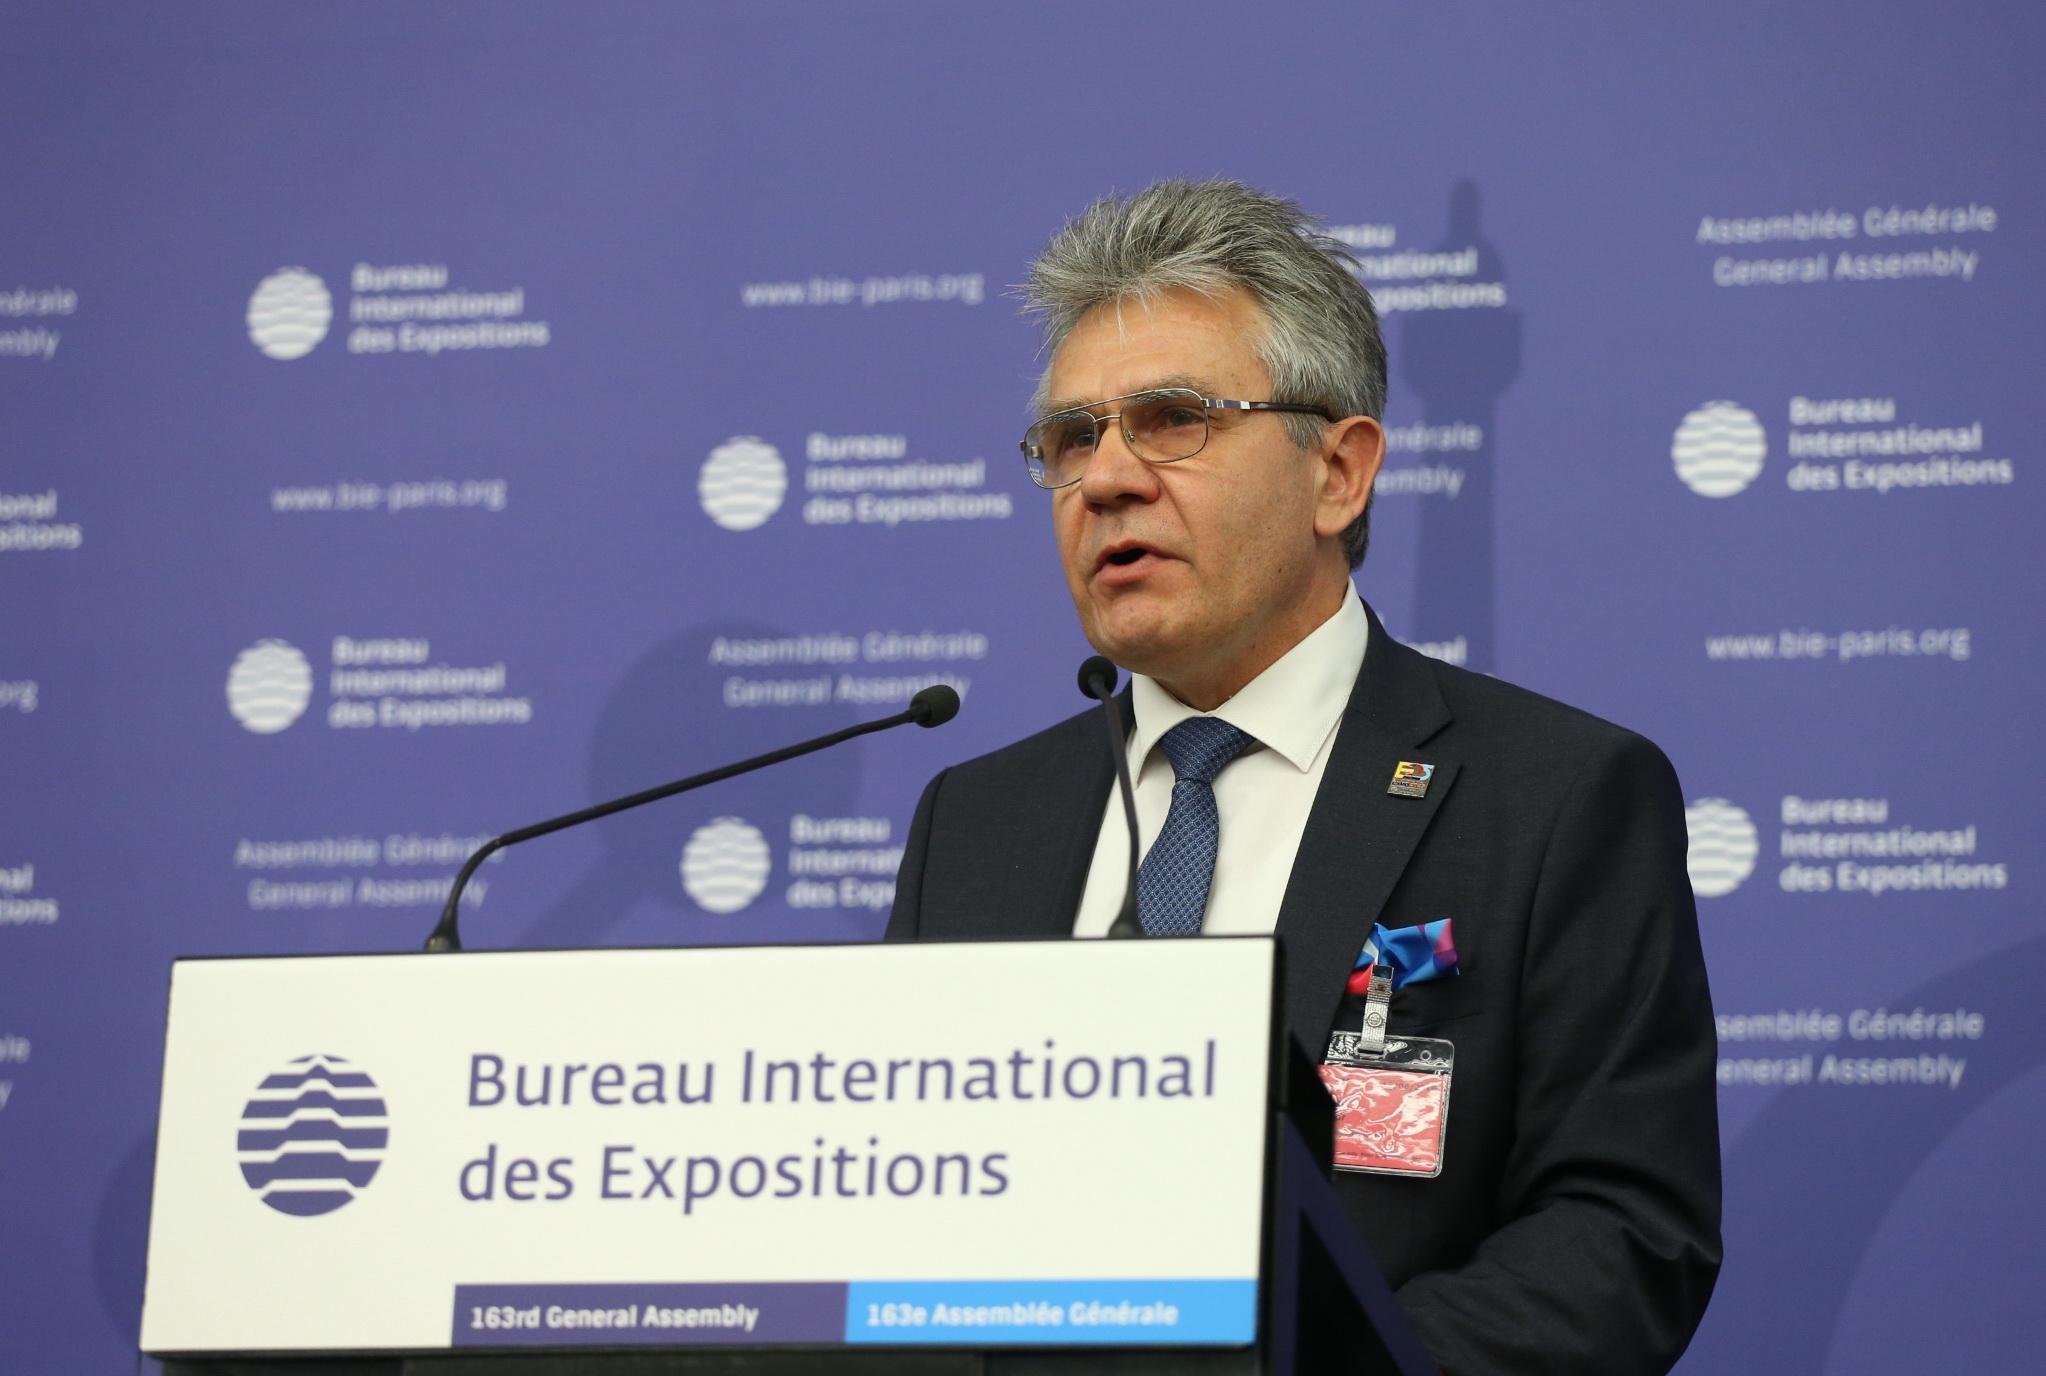 РАН готова заняться наполнением российского павильона в случае проведения ЭКСПО-2025 в Екатеринбурге